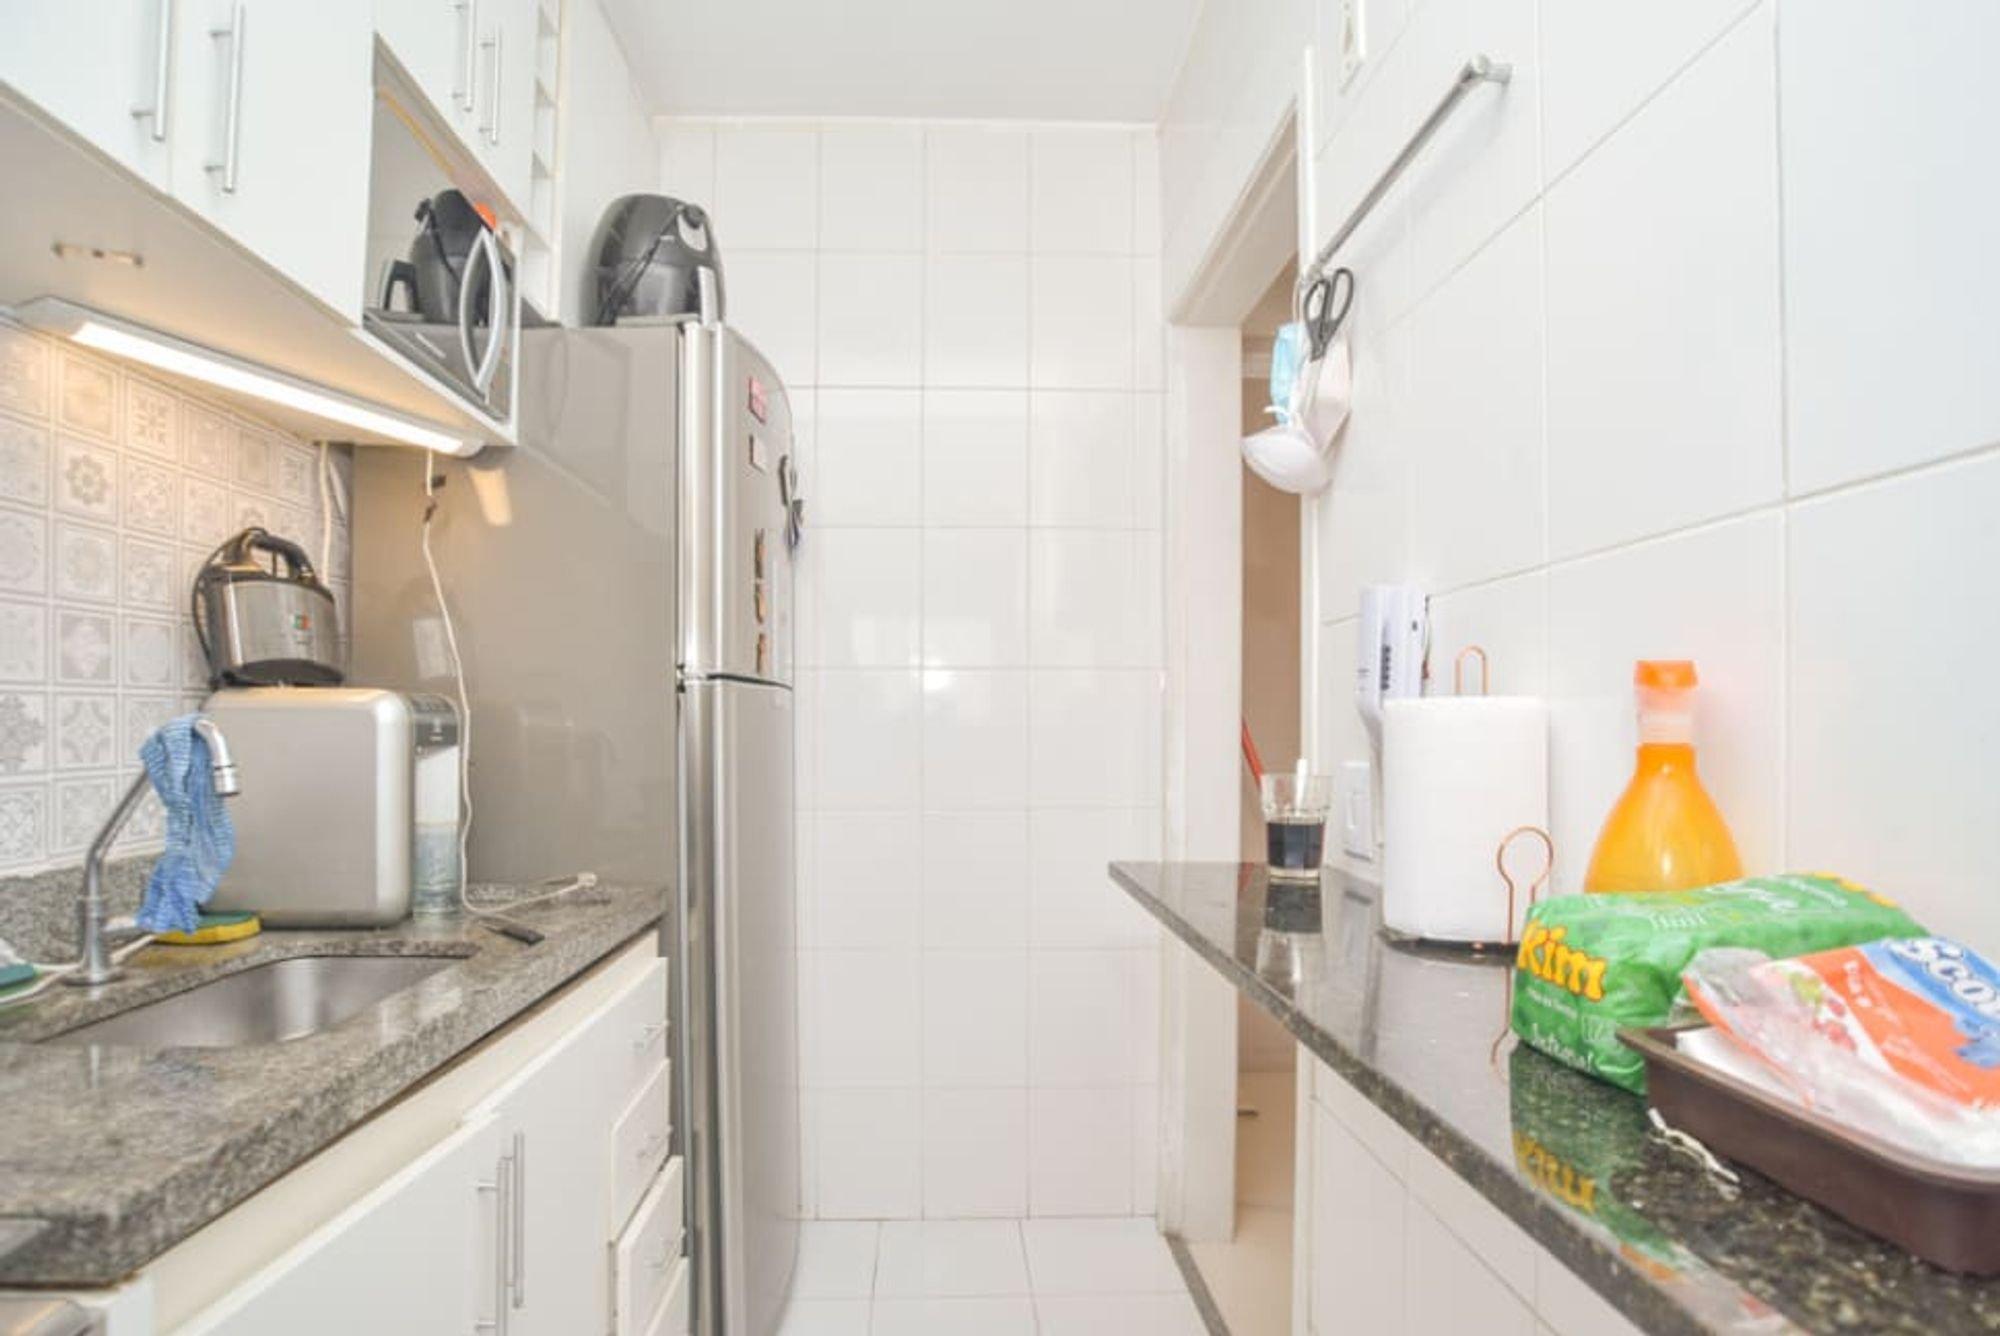 Foto de Cozinha com escova de dente, garrafa, geladeira, pia